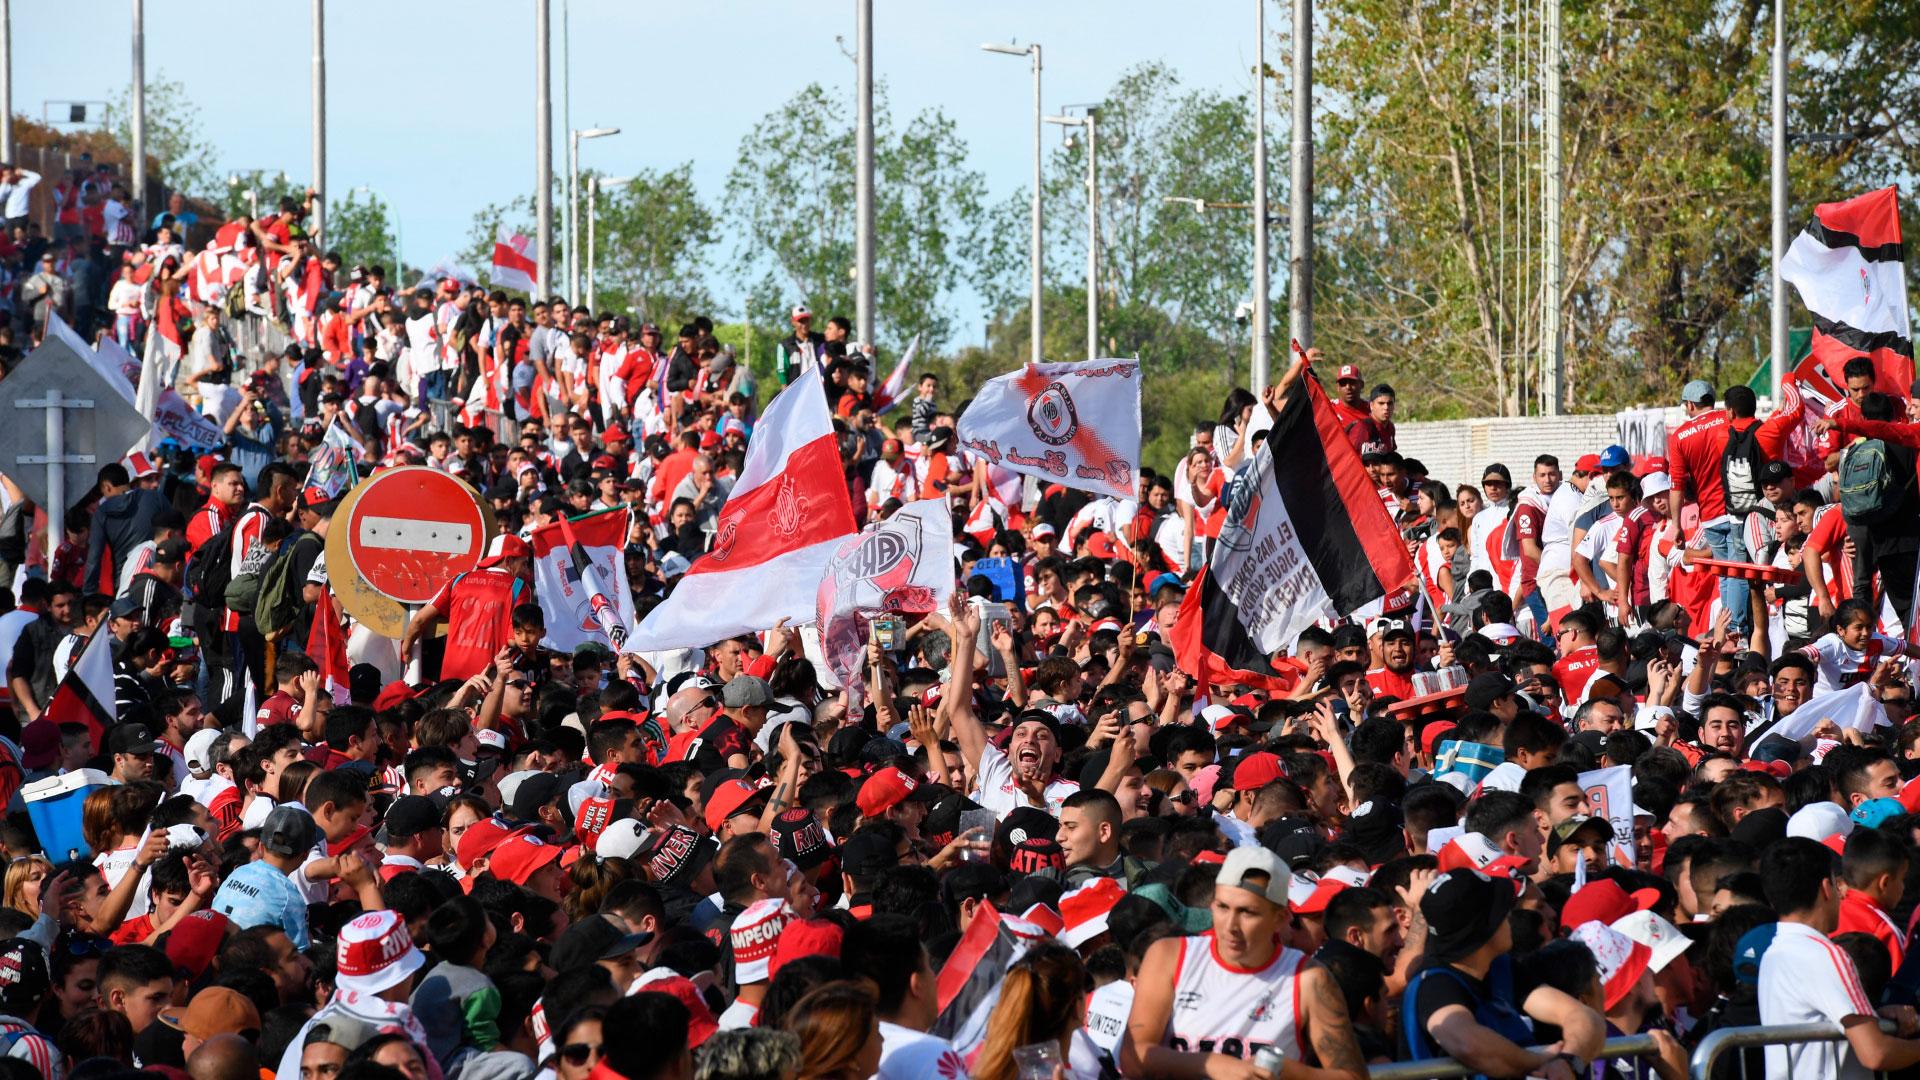 Al no haber parcialidad visitante en el partido de hoy, los simpatizantes aprovecharon para darle el último aliento a los dirigidos por Marcelo Gallardo